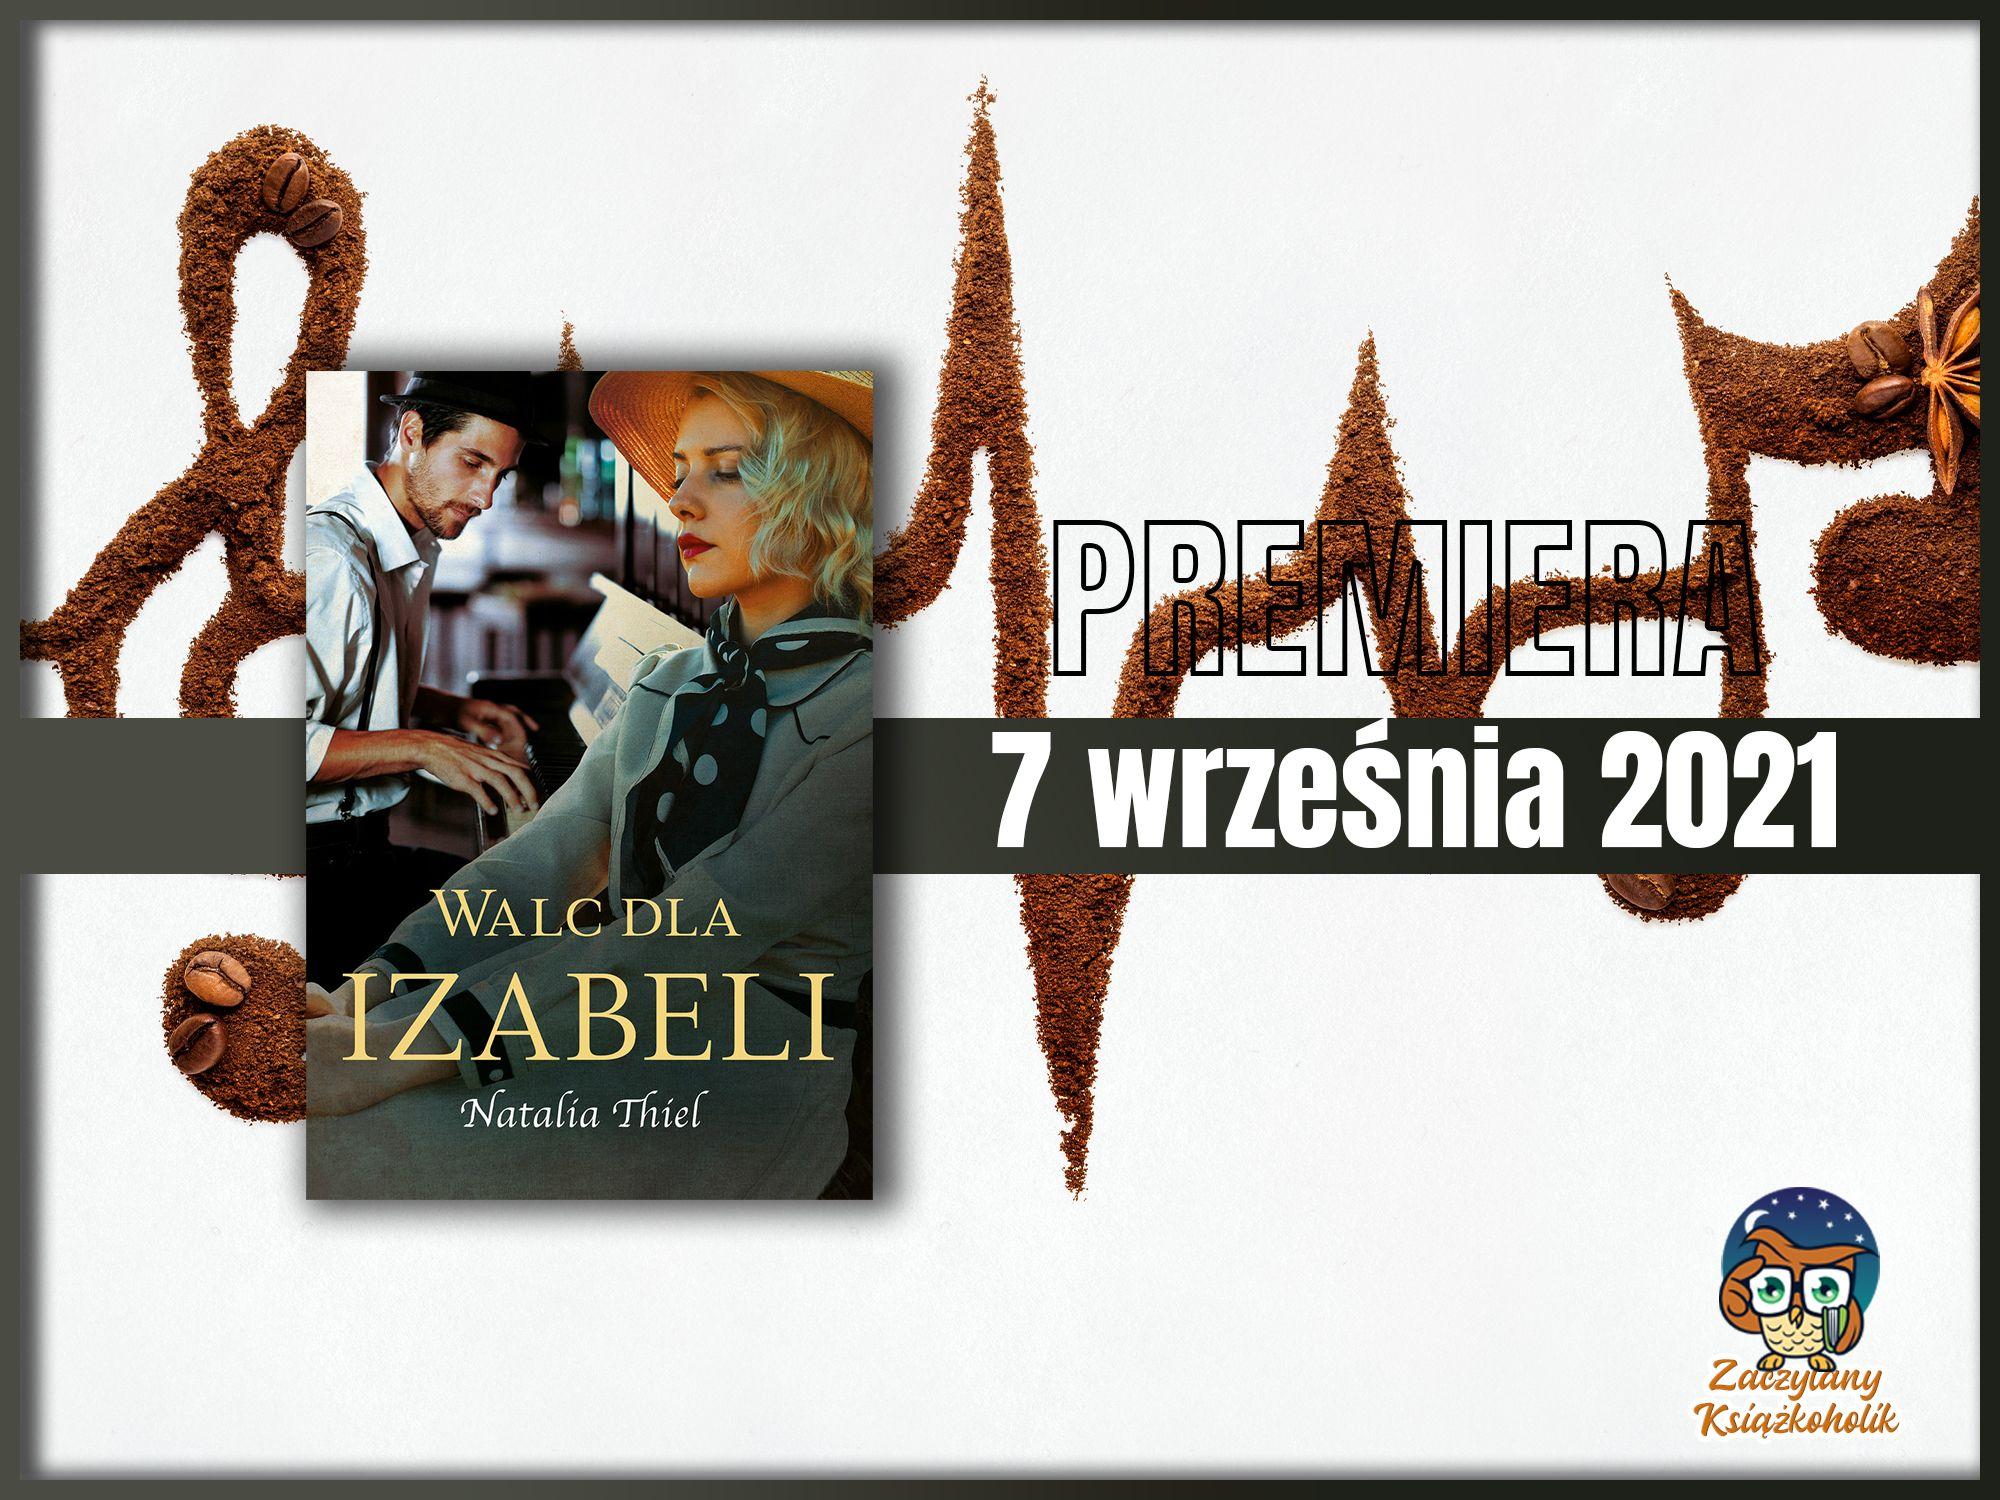 Walc dla Izabeli, Natalia Thiel, zaczytanyksiazkoholik.pl